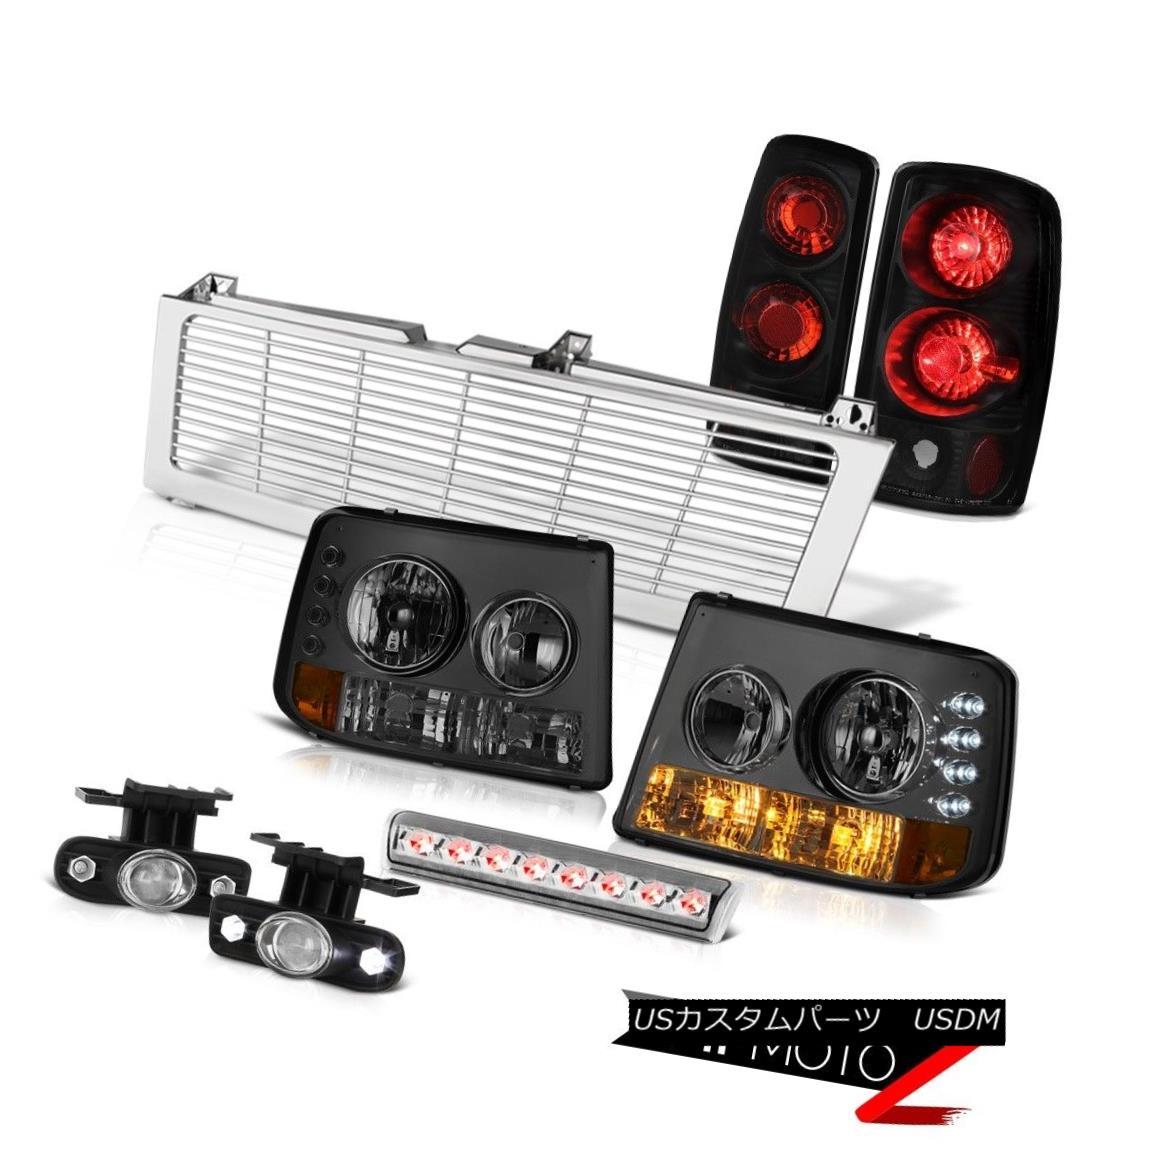 テールライト Smoke Headlamps Rear Signal Brake Lights Glass Fog High LED 00-06 Suburban 2500 スモークヘッドランプリアシグナルブレーキライトグラスフォグハイLED 00-06郊外2500